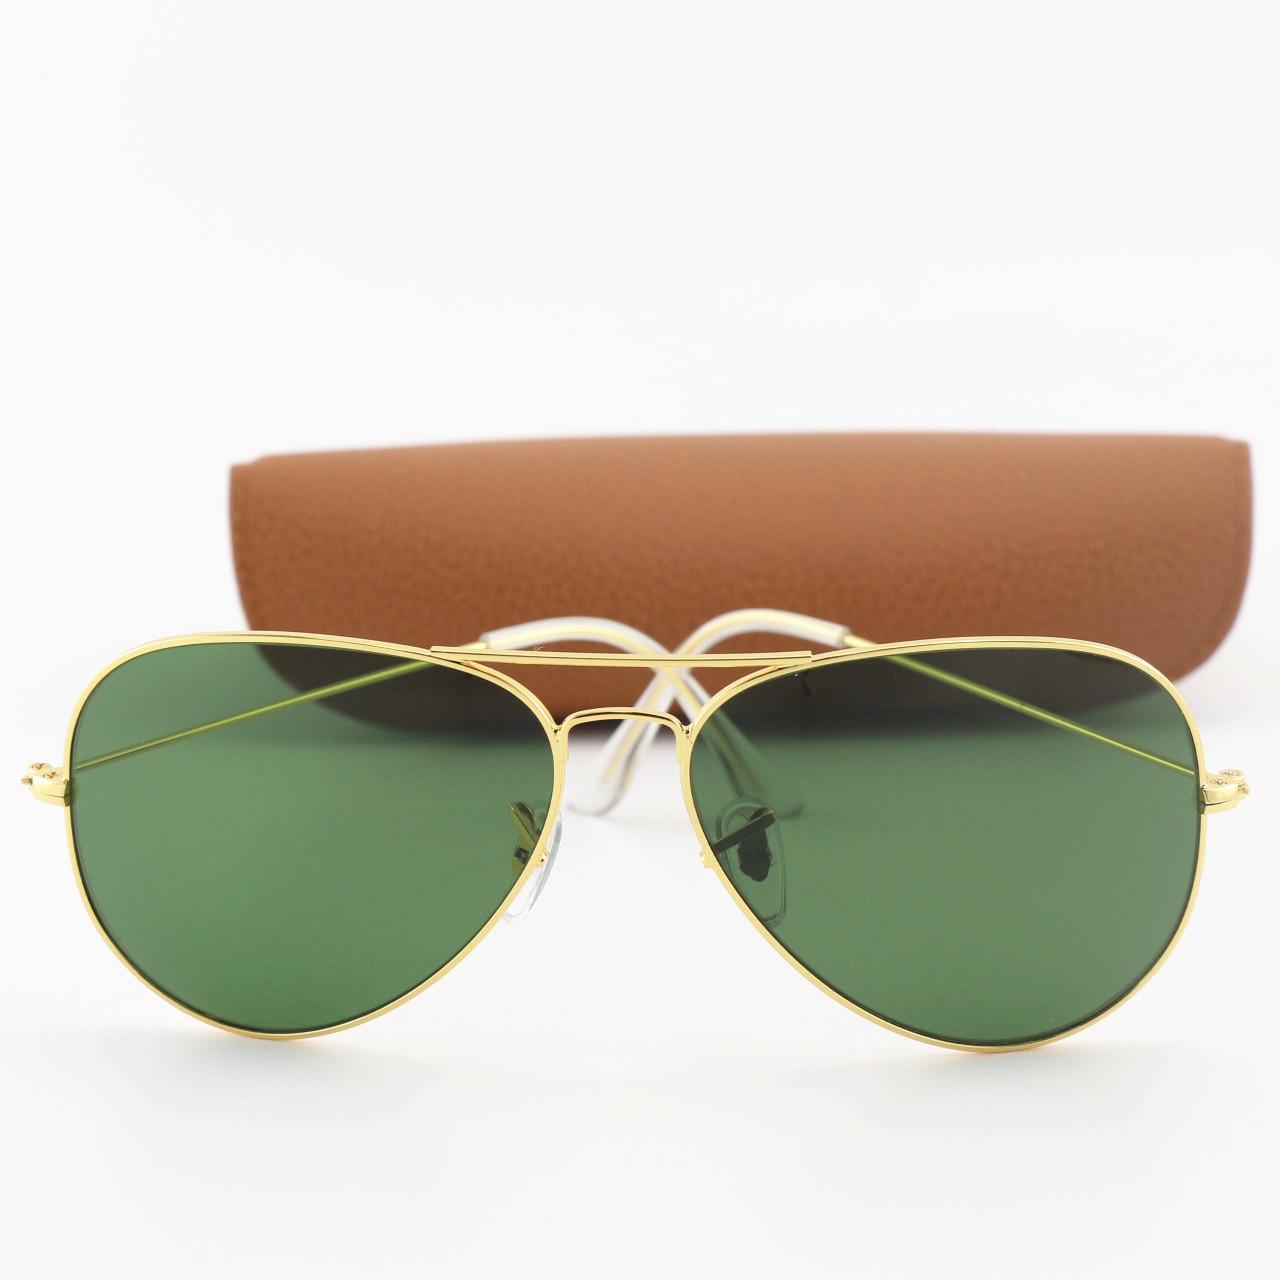 Vendita di alta qualità delle donne degli uomini degli occhiali da sole di guida Occhiali da sole Vieni Gold Metal frame Verde UV400 58mm contenitore di Brown